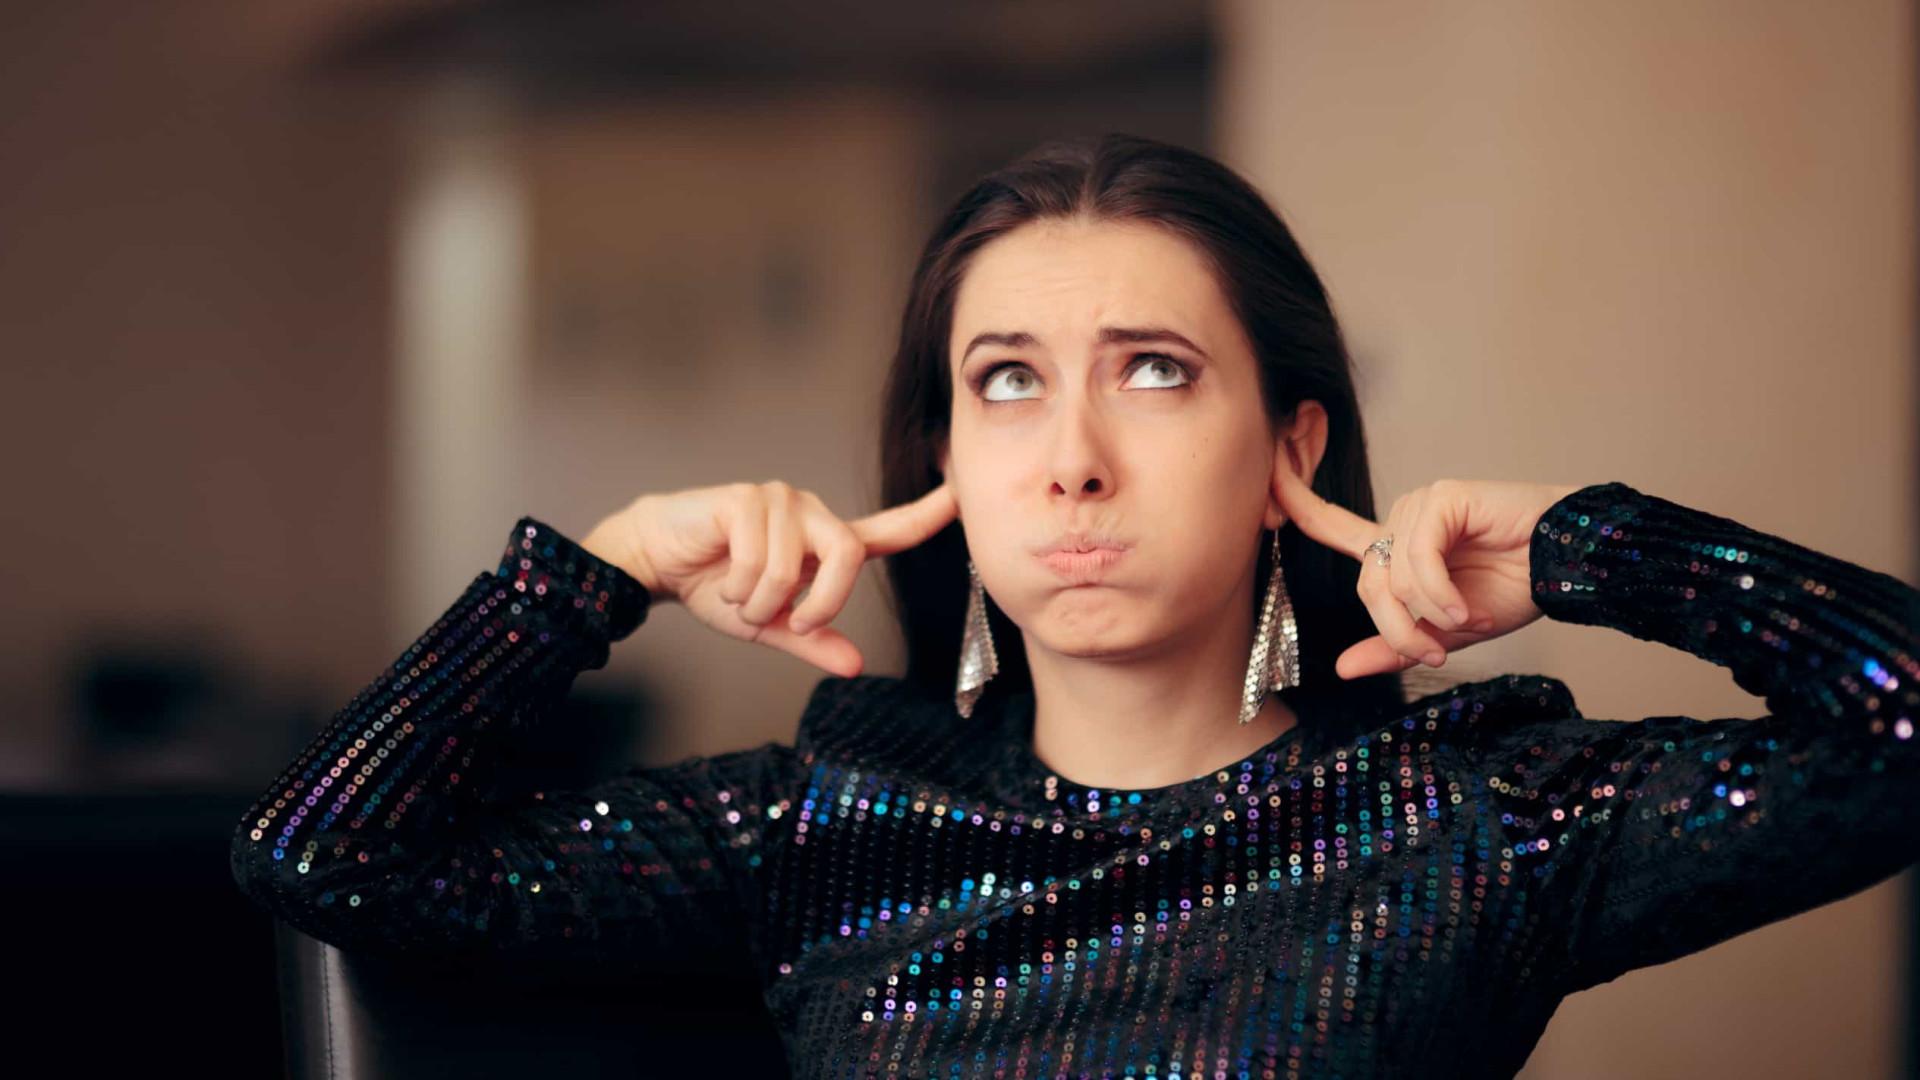 Detesta sons como mastigar ou respirar alto? Há uma razão científica